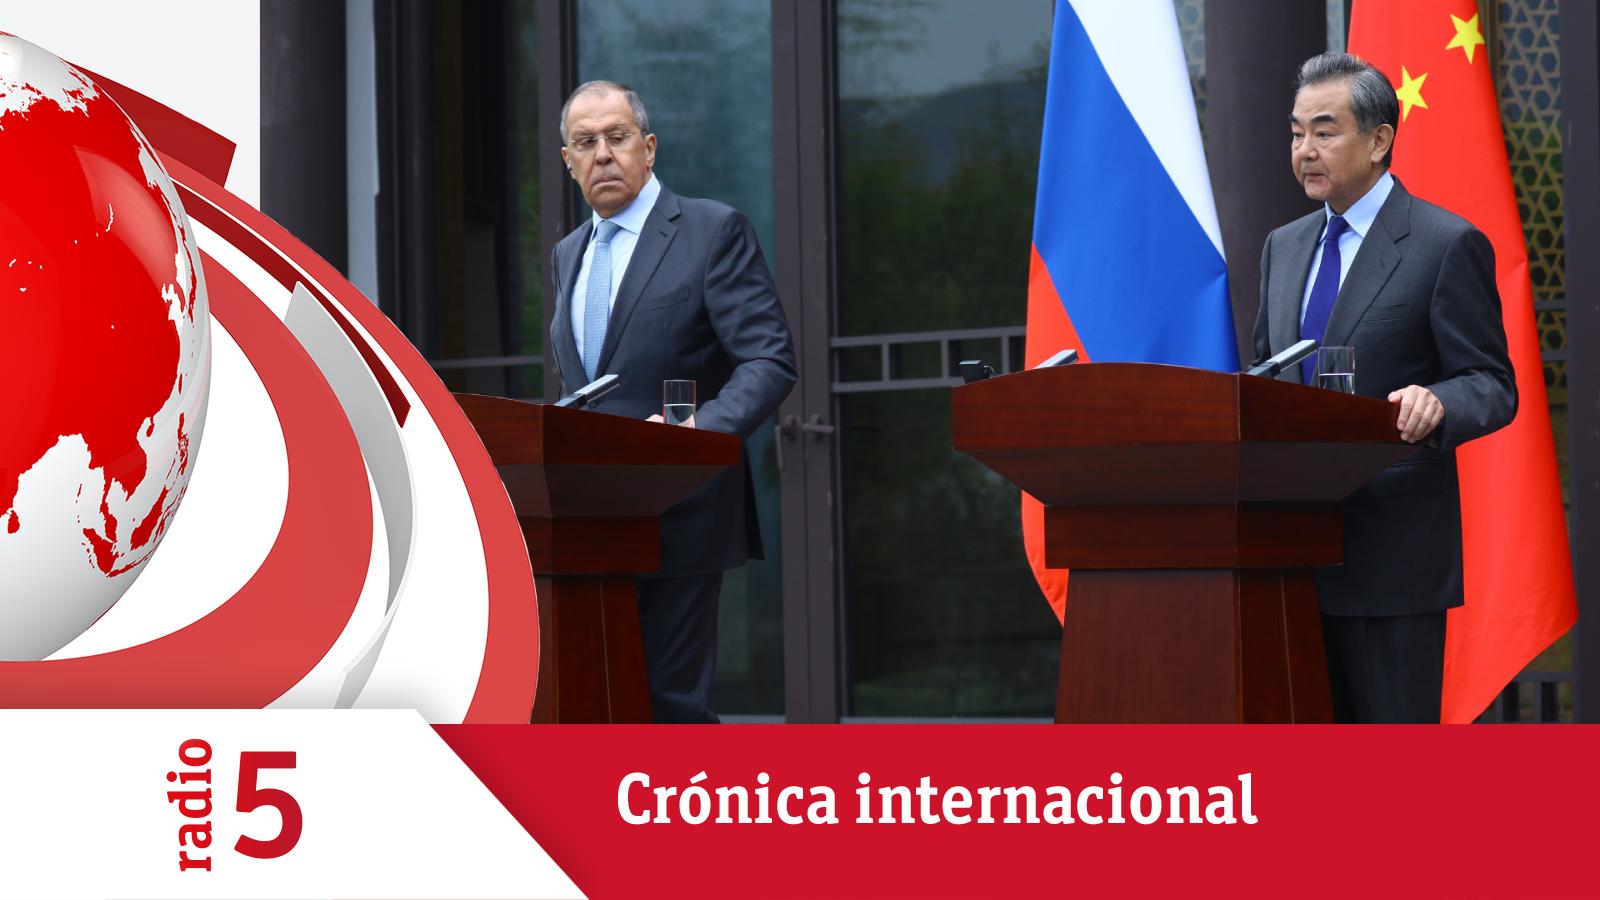 Crónica Internacional - Se tensa la relación de Occidente con Rusia y China - Escuchar ahora